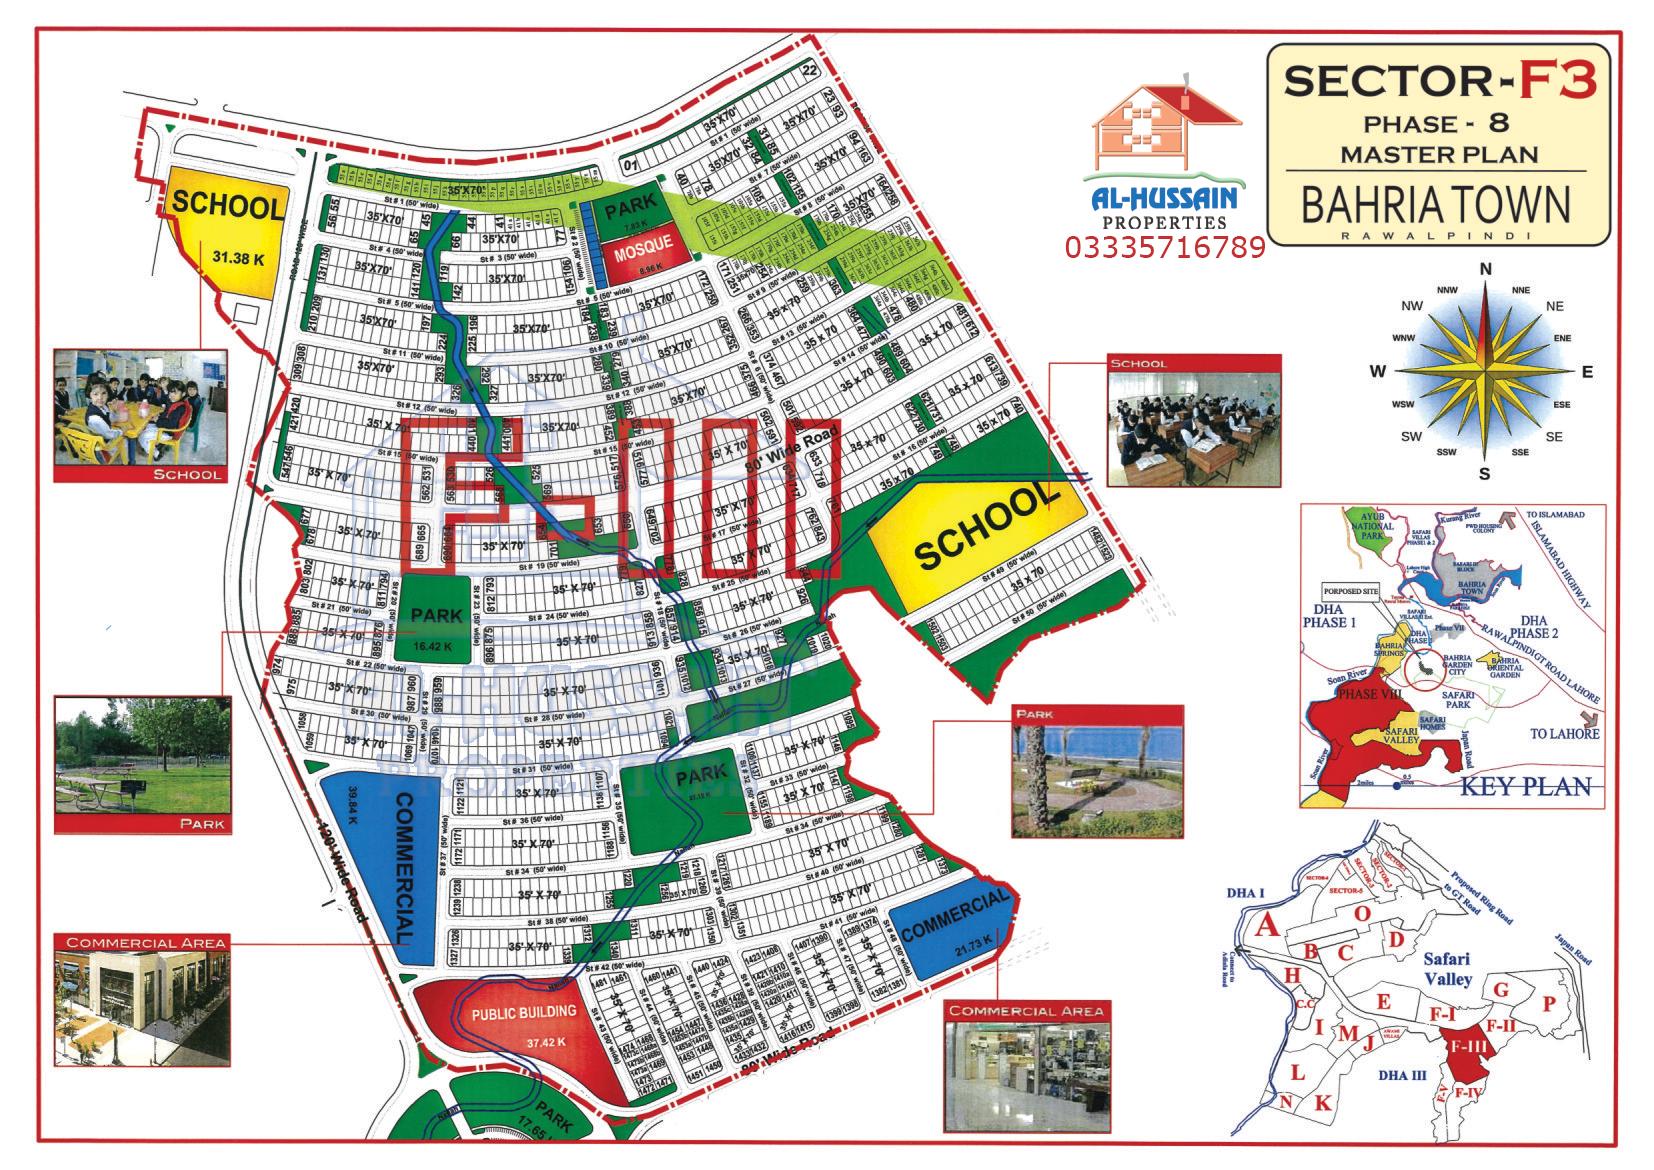 Master Plan Sector F 3 Phase 8 Bahria Town Rawalpindi